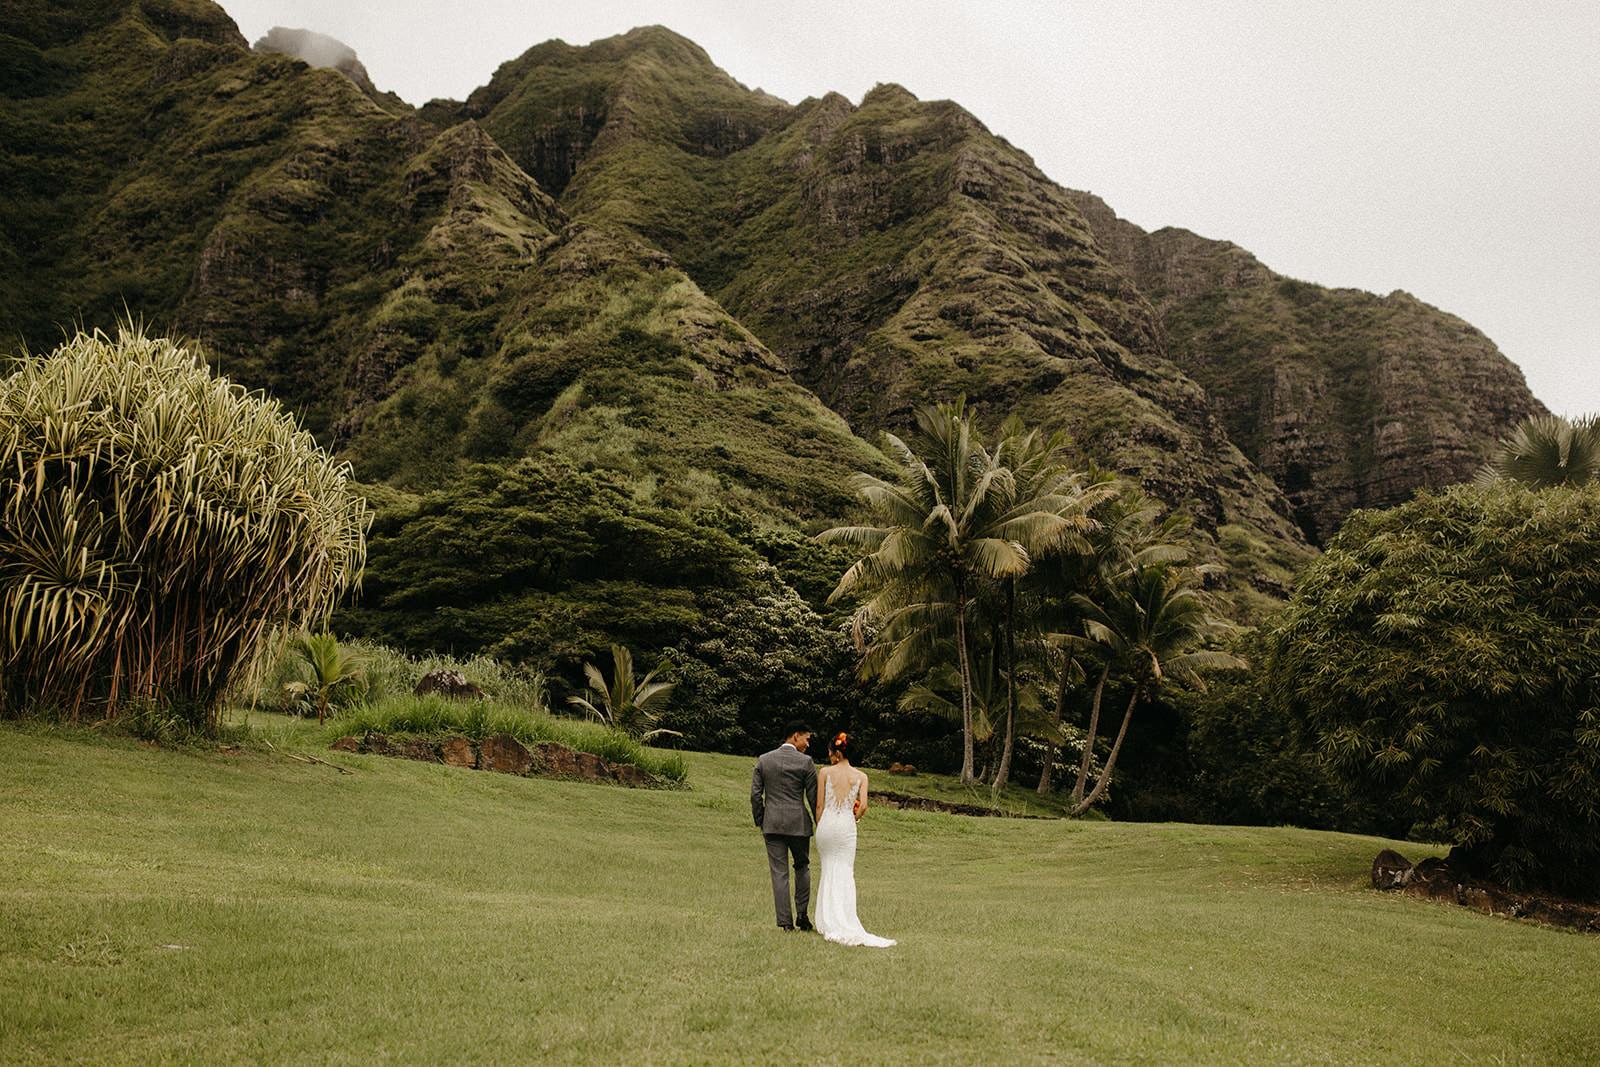 Kualoa_Hawaii_wedding_paliku_5.jpg